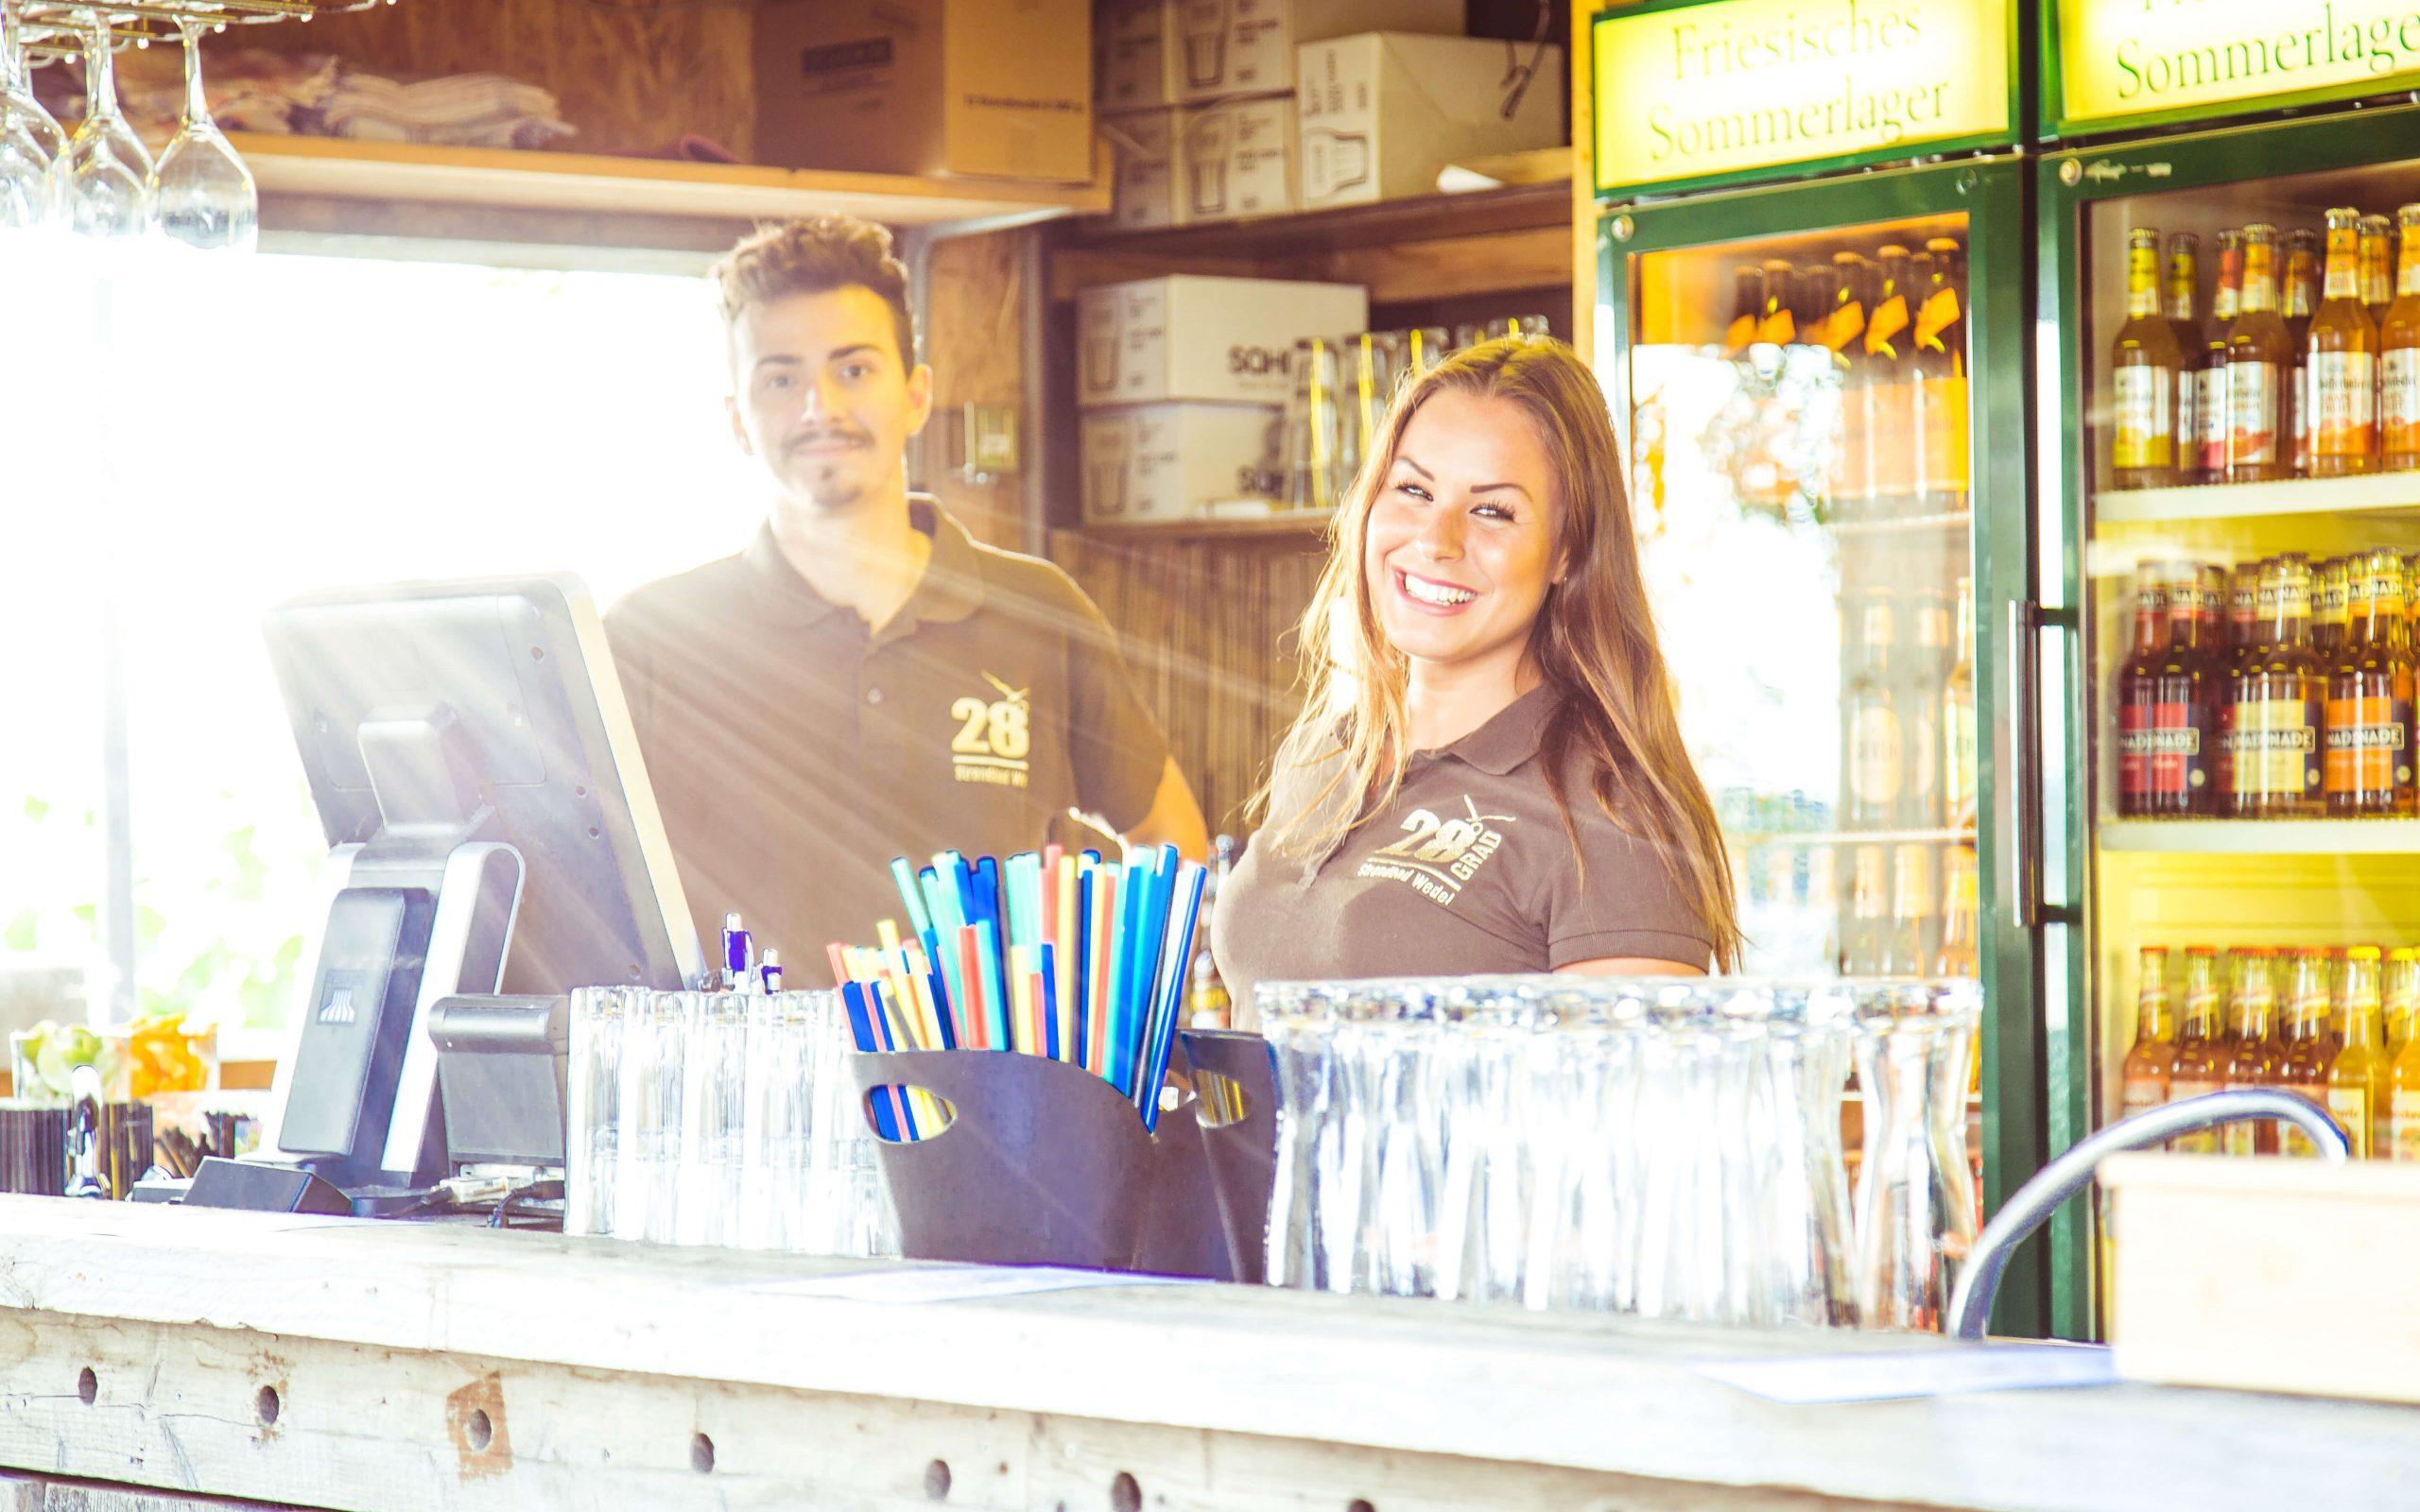 28GRAD Strandbad Wedel - Jobs